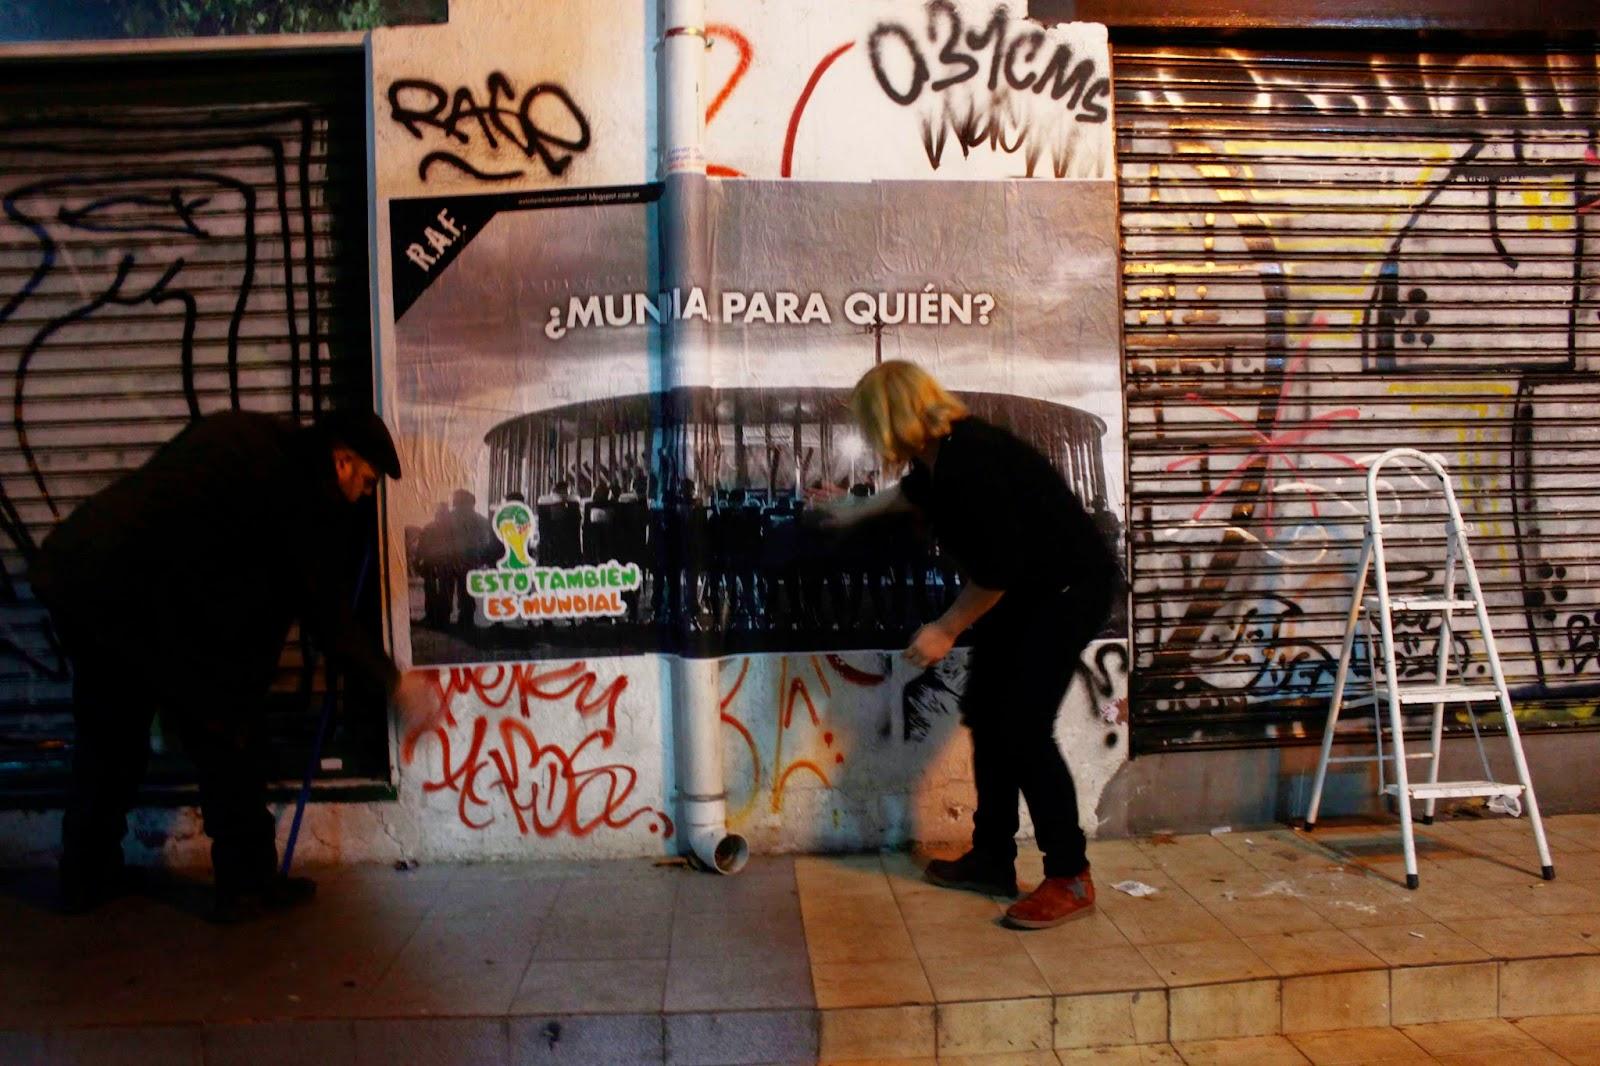 Ruas do centro da capital receberam intervenções artísticas.